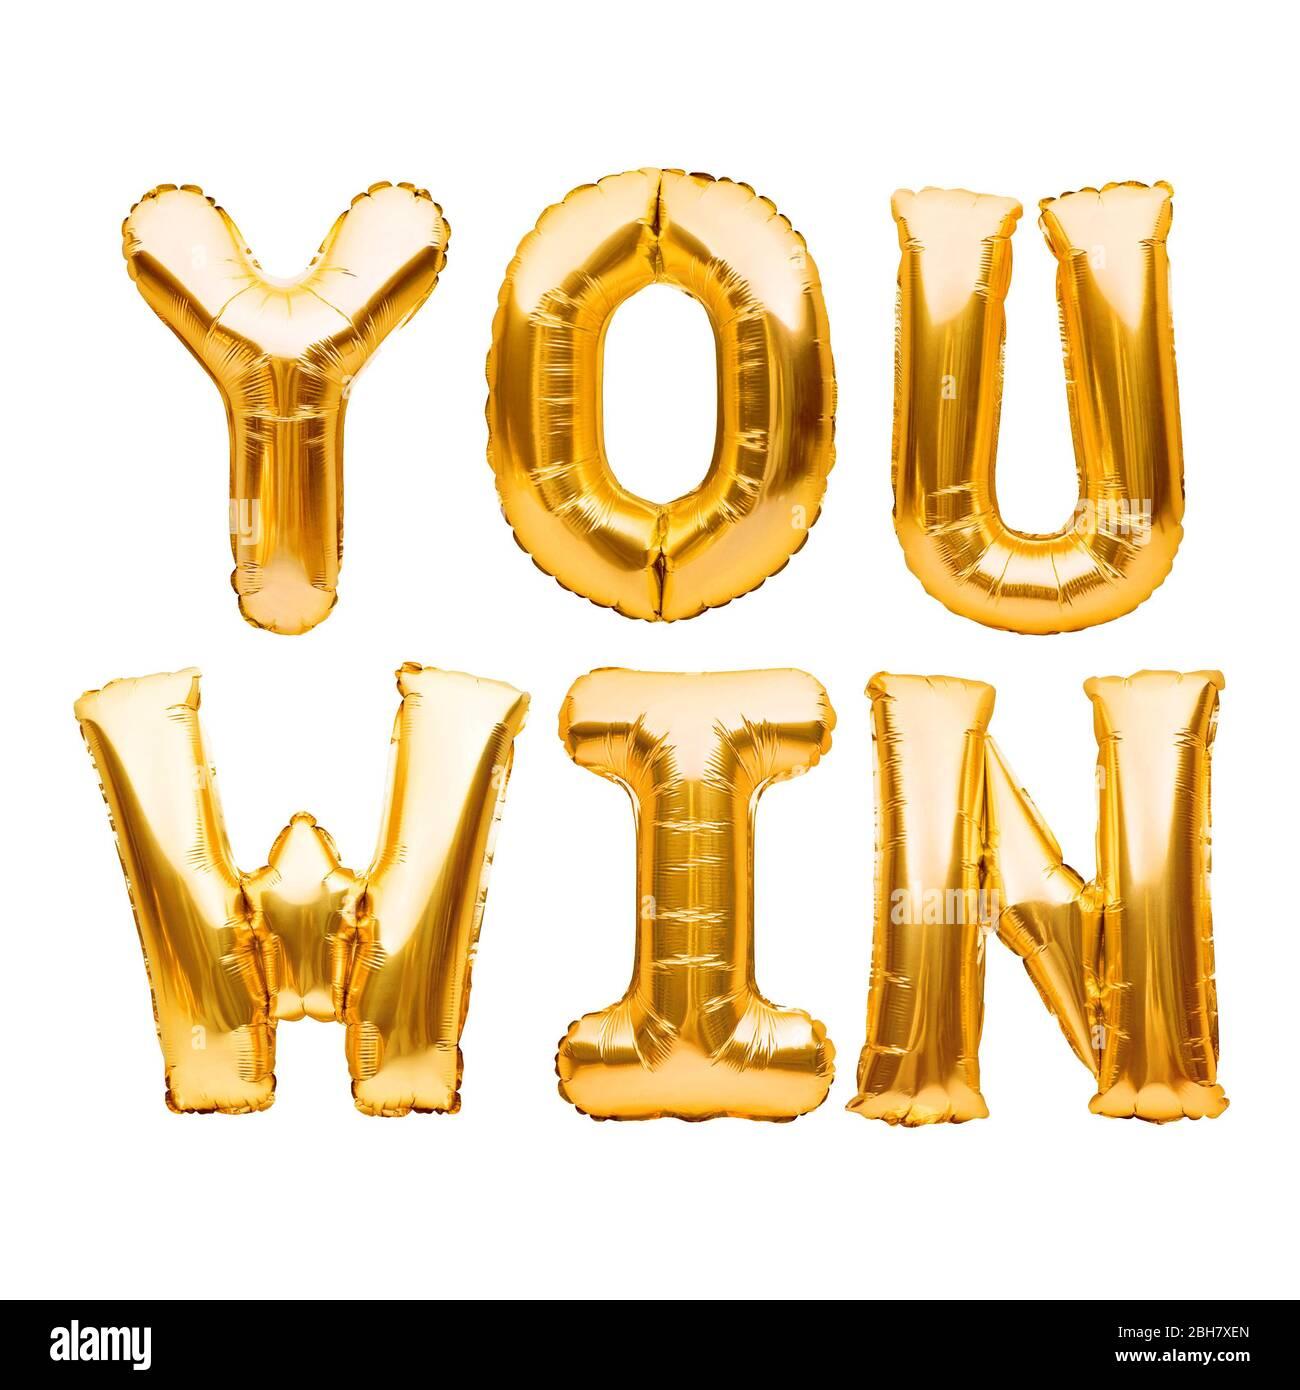 Wörter, DIE SIE GEWINNEN aus goldenen aufblasbaren Ballons isoliert auf weiß. Helium Ballons Gold Folie Buchstaben. Nachricht für Gewinner, Champion. Geschäftskonzept Stockfoto